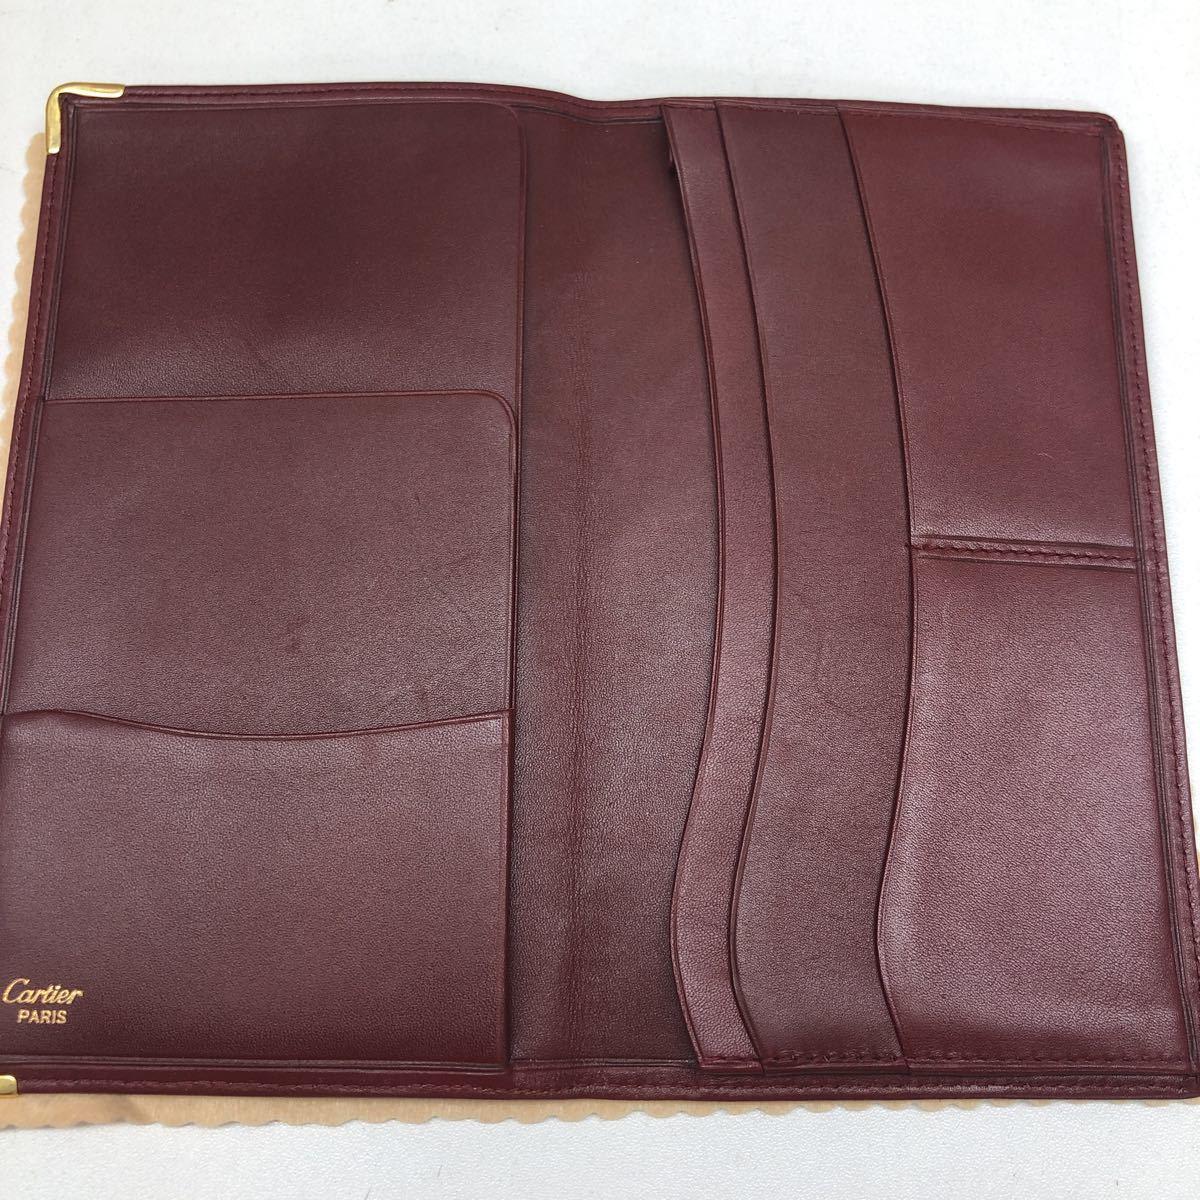 【未使用保管品】must de Cartier マストライン 長財布 札入れ 小銭入れ 計2点_画像3